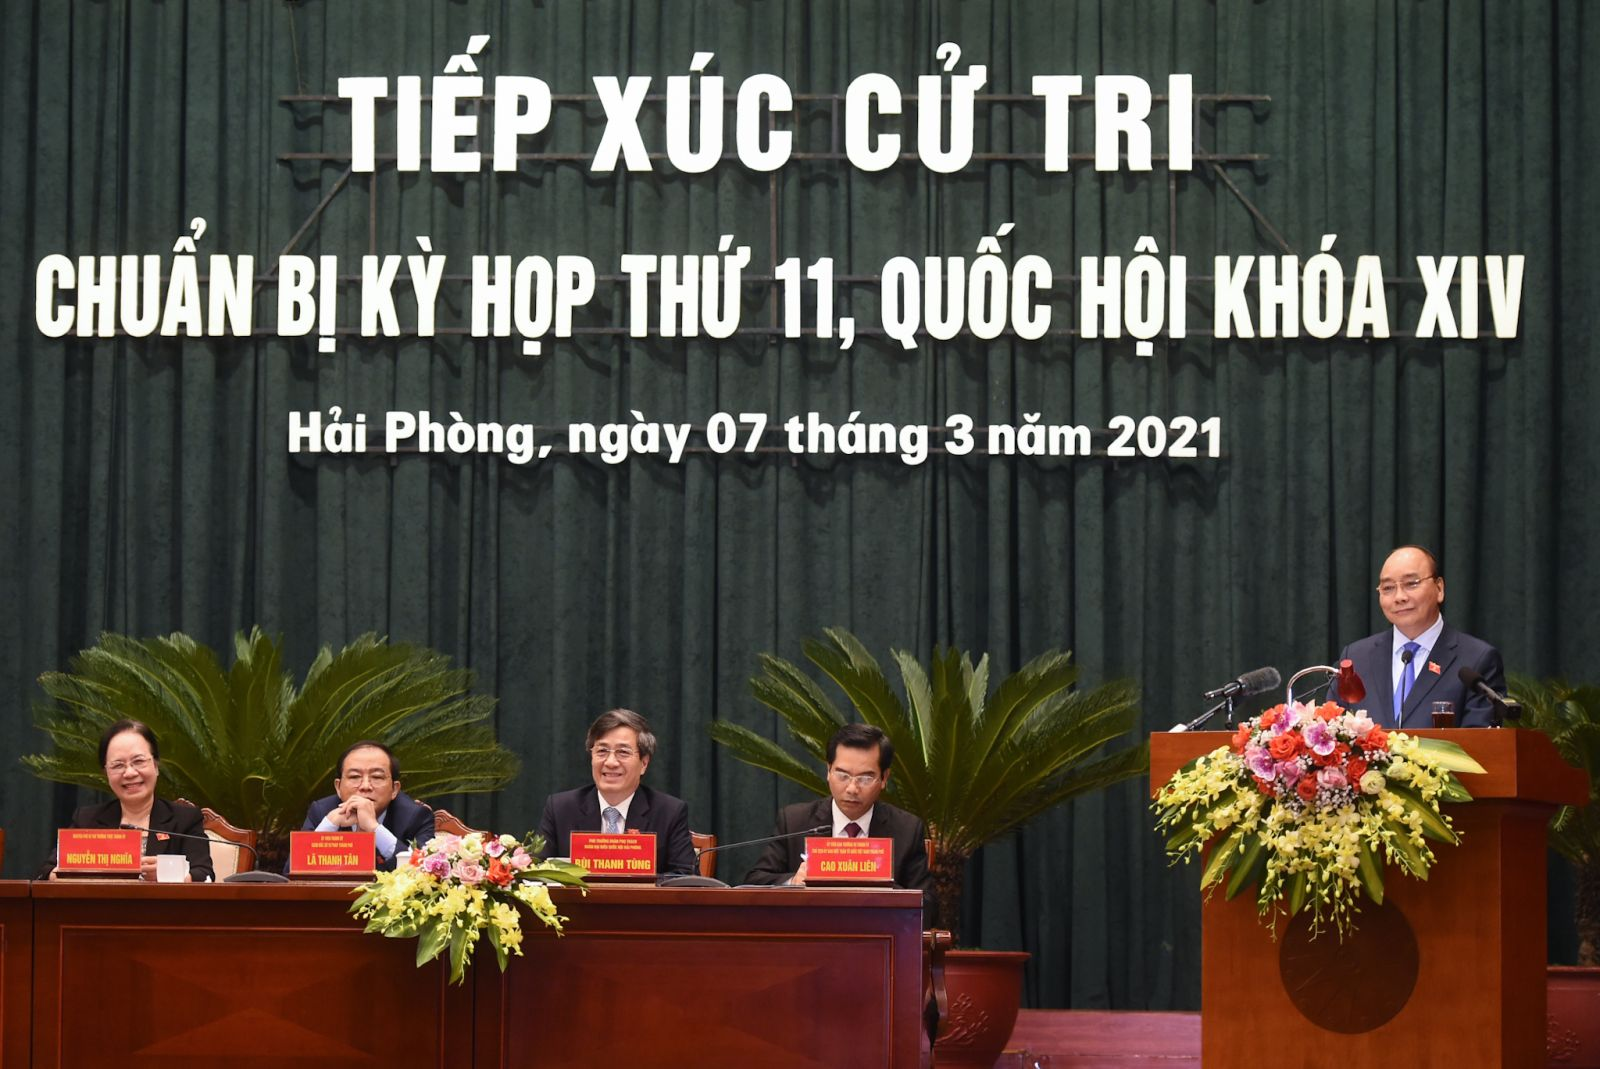 Thủ tướng Nguyễn Xuân Phúc phát biểu tại buổi tiếp xúc cử tri. Ảnh: VGP/Quang Hiếu